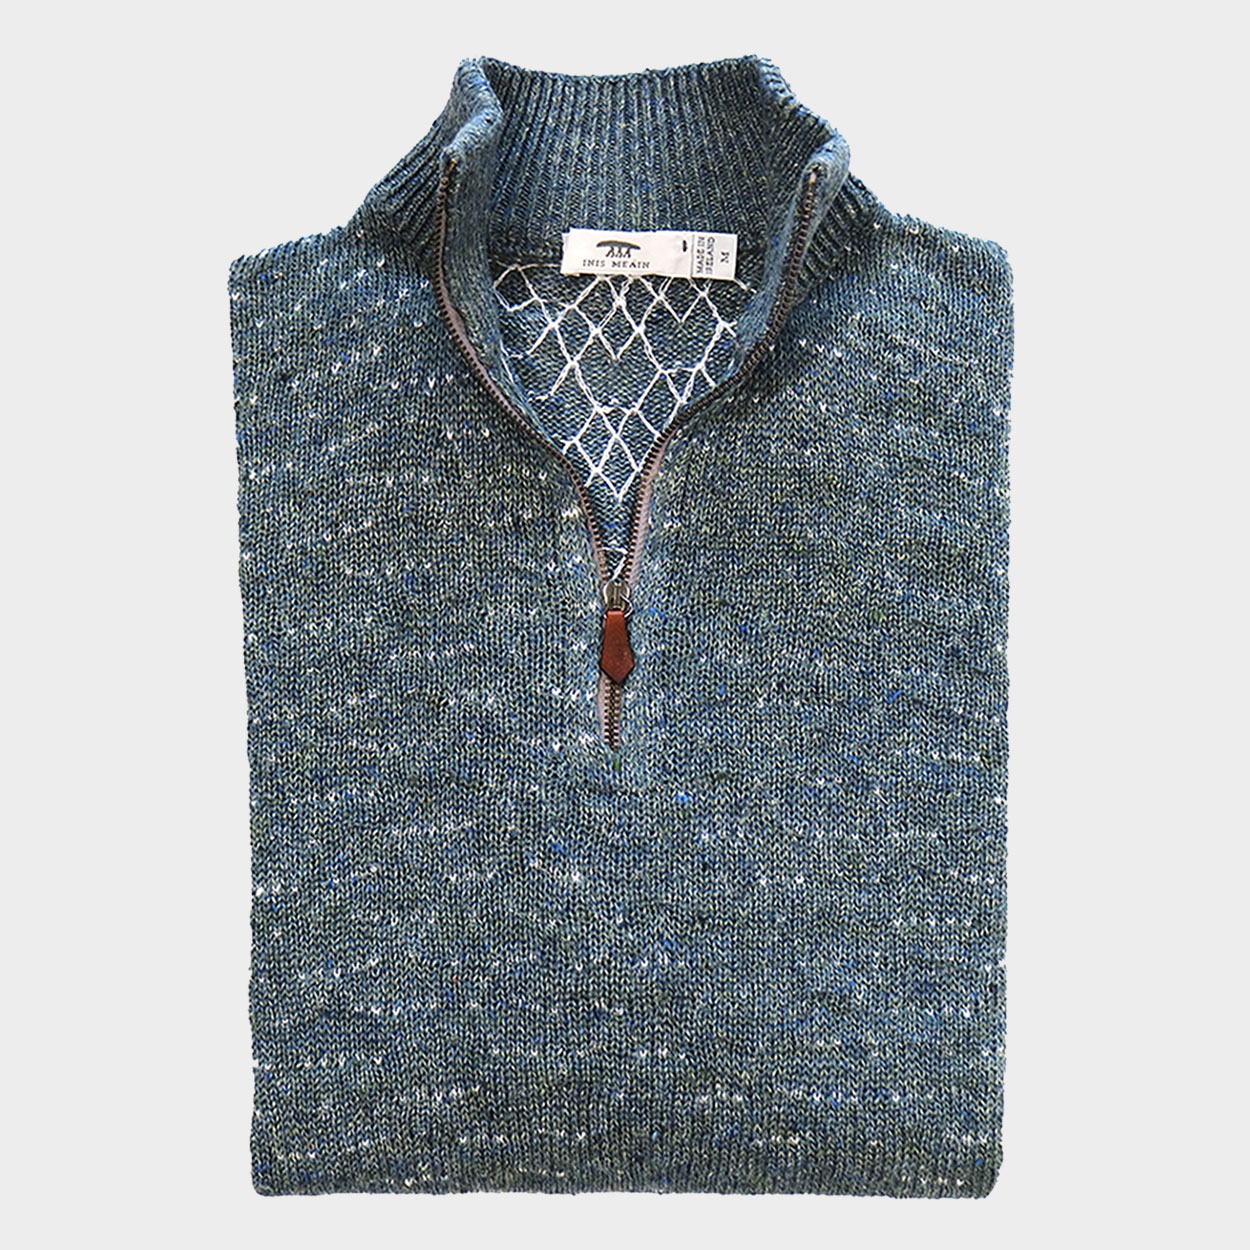 S1704 wave stitch zip neck